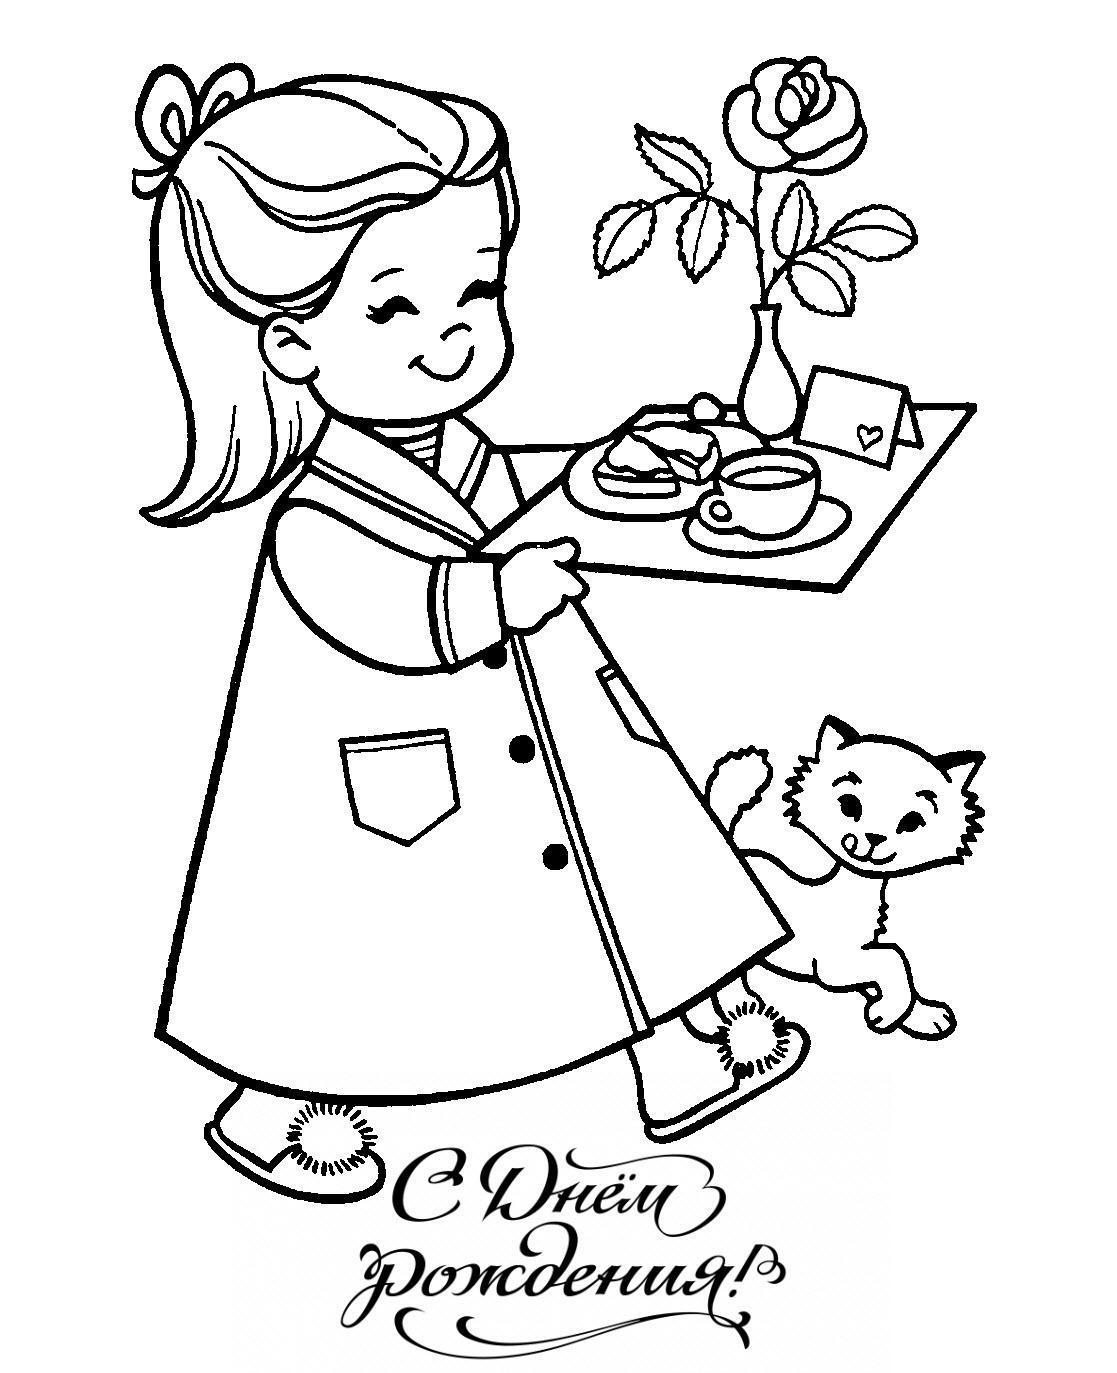 Раскраска для любимой бабушки с днем рождения